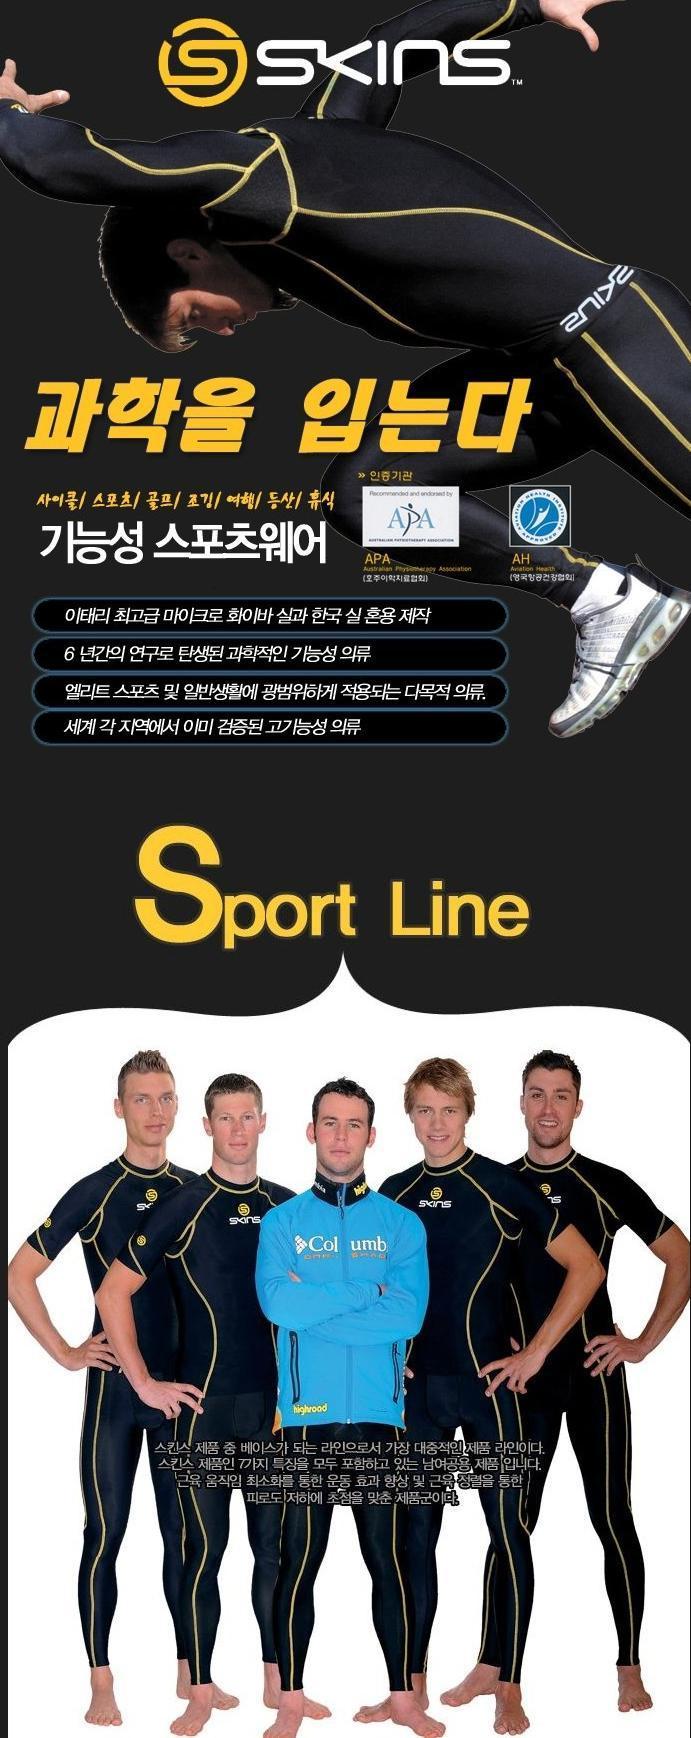 기능성 스포츠웨어 스킨즈 스포츠 육상유니폼 제품소개